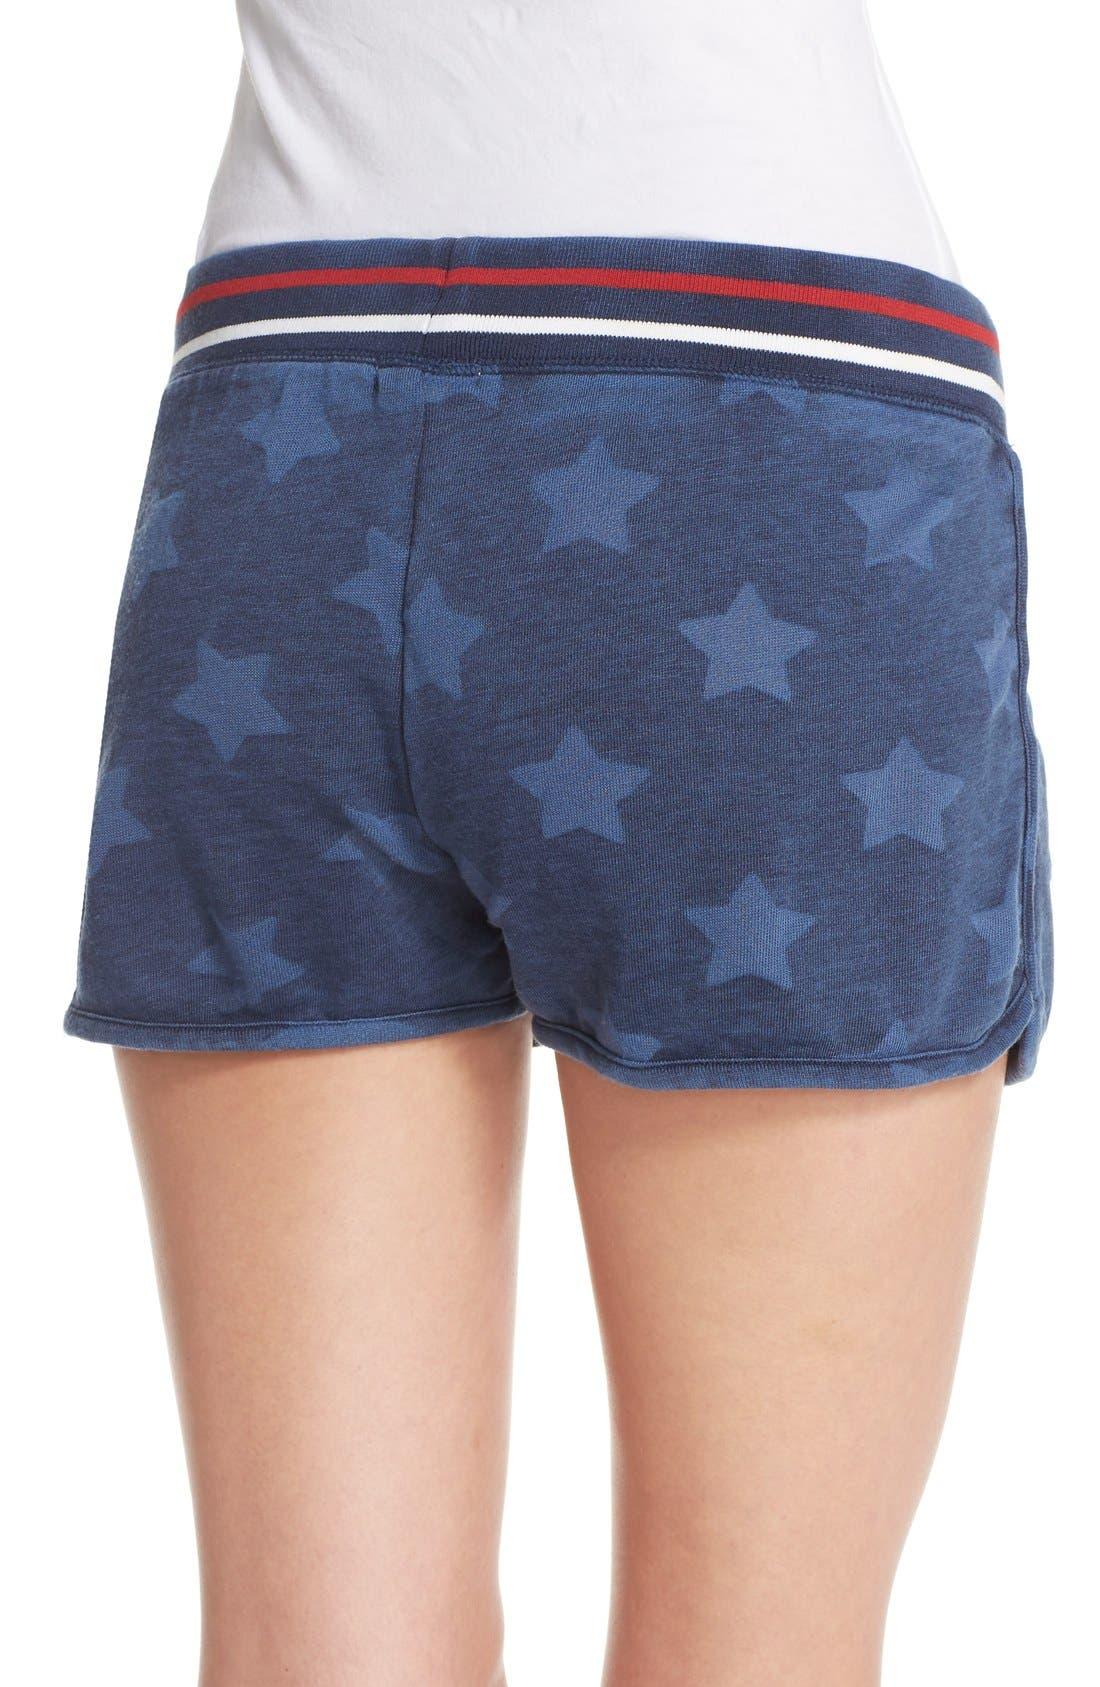 Alternate Image 2  - PJ Salvage 'Road Trip' Star Print Pajama Shorts